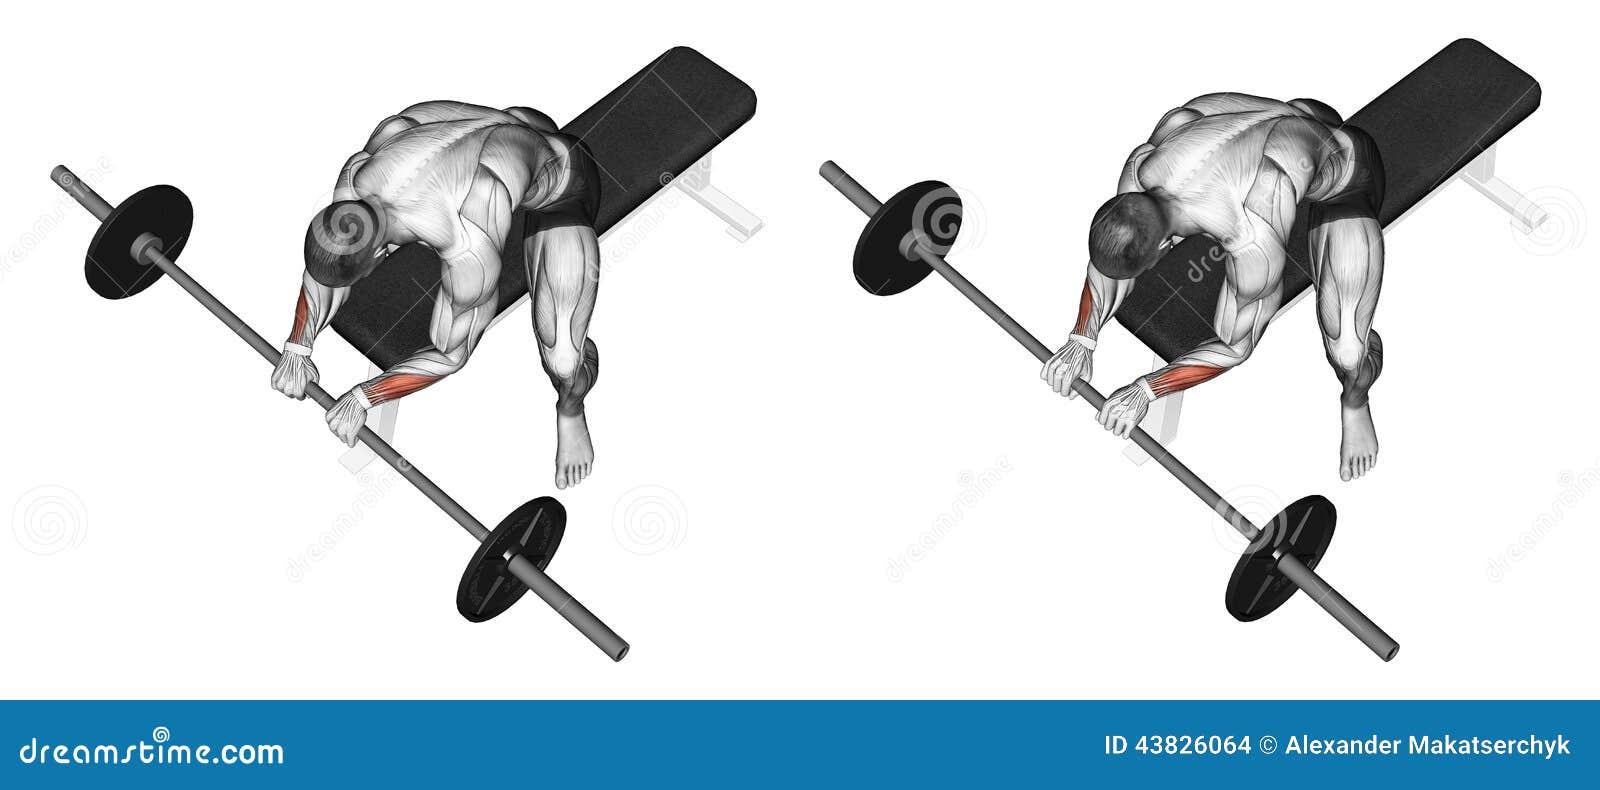 S exercer Extension du poignet avec une poignée de barbell sur le dessus